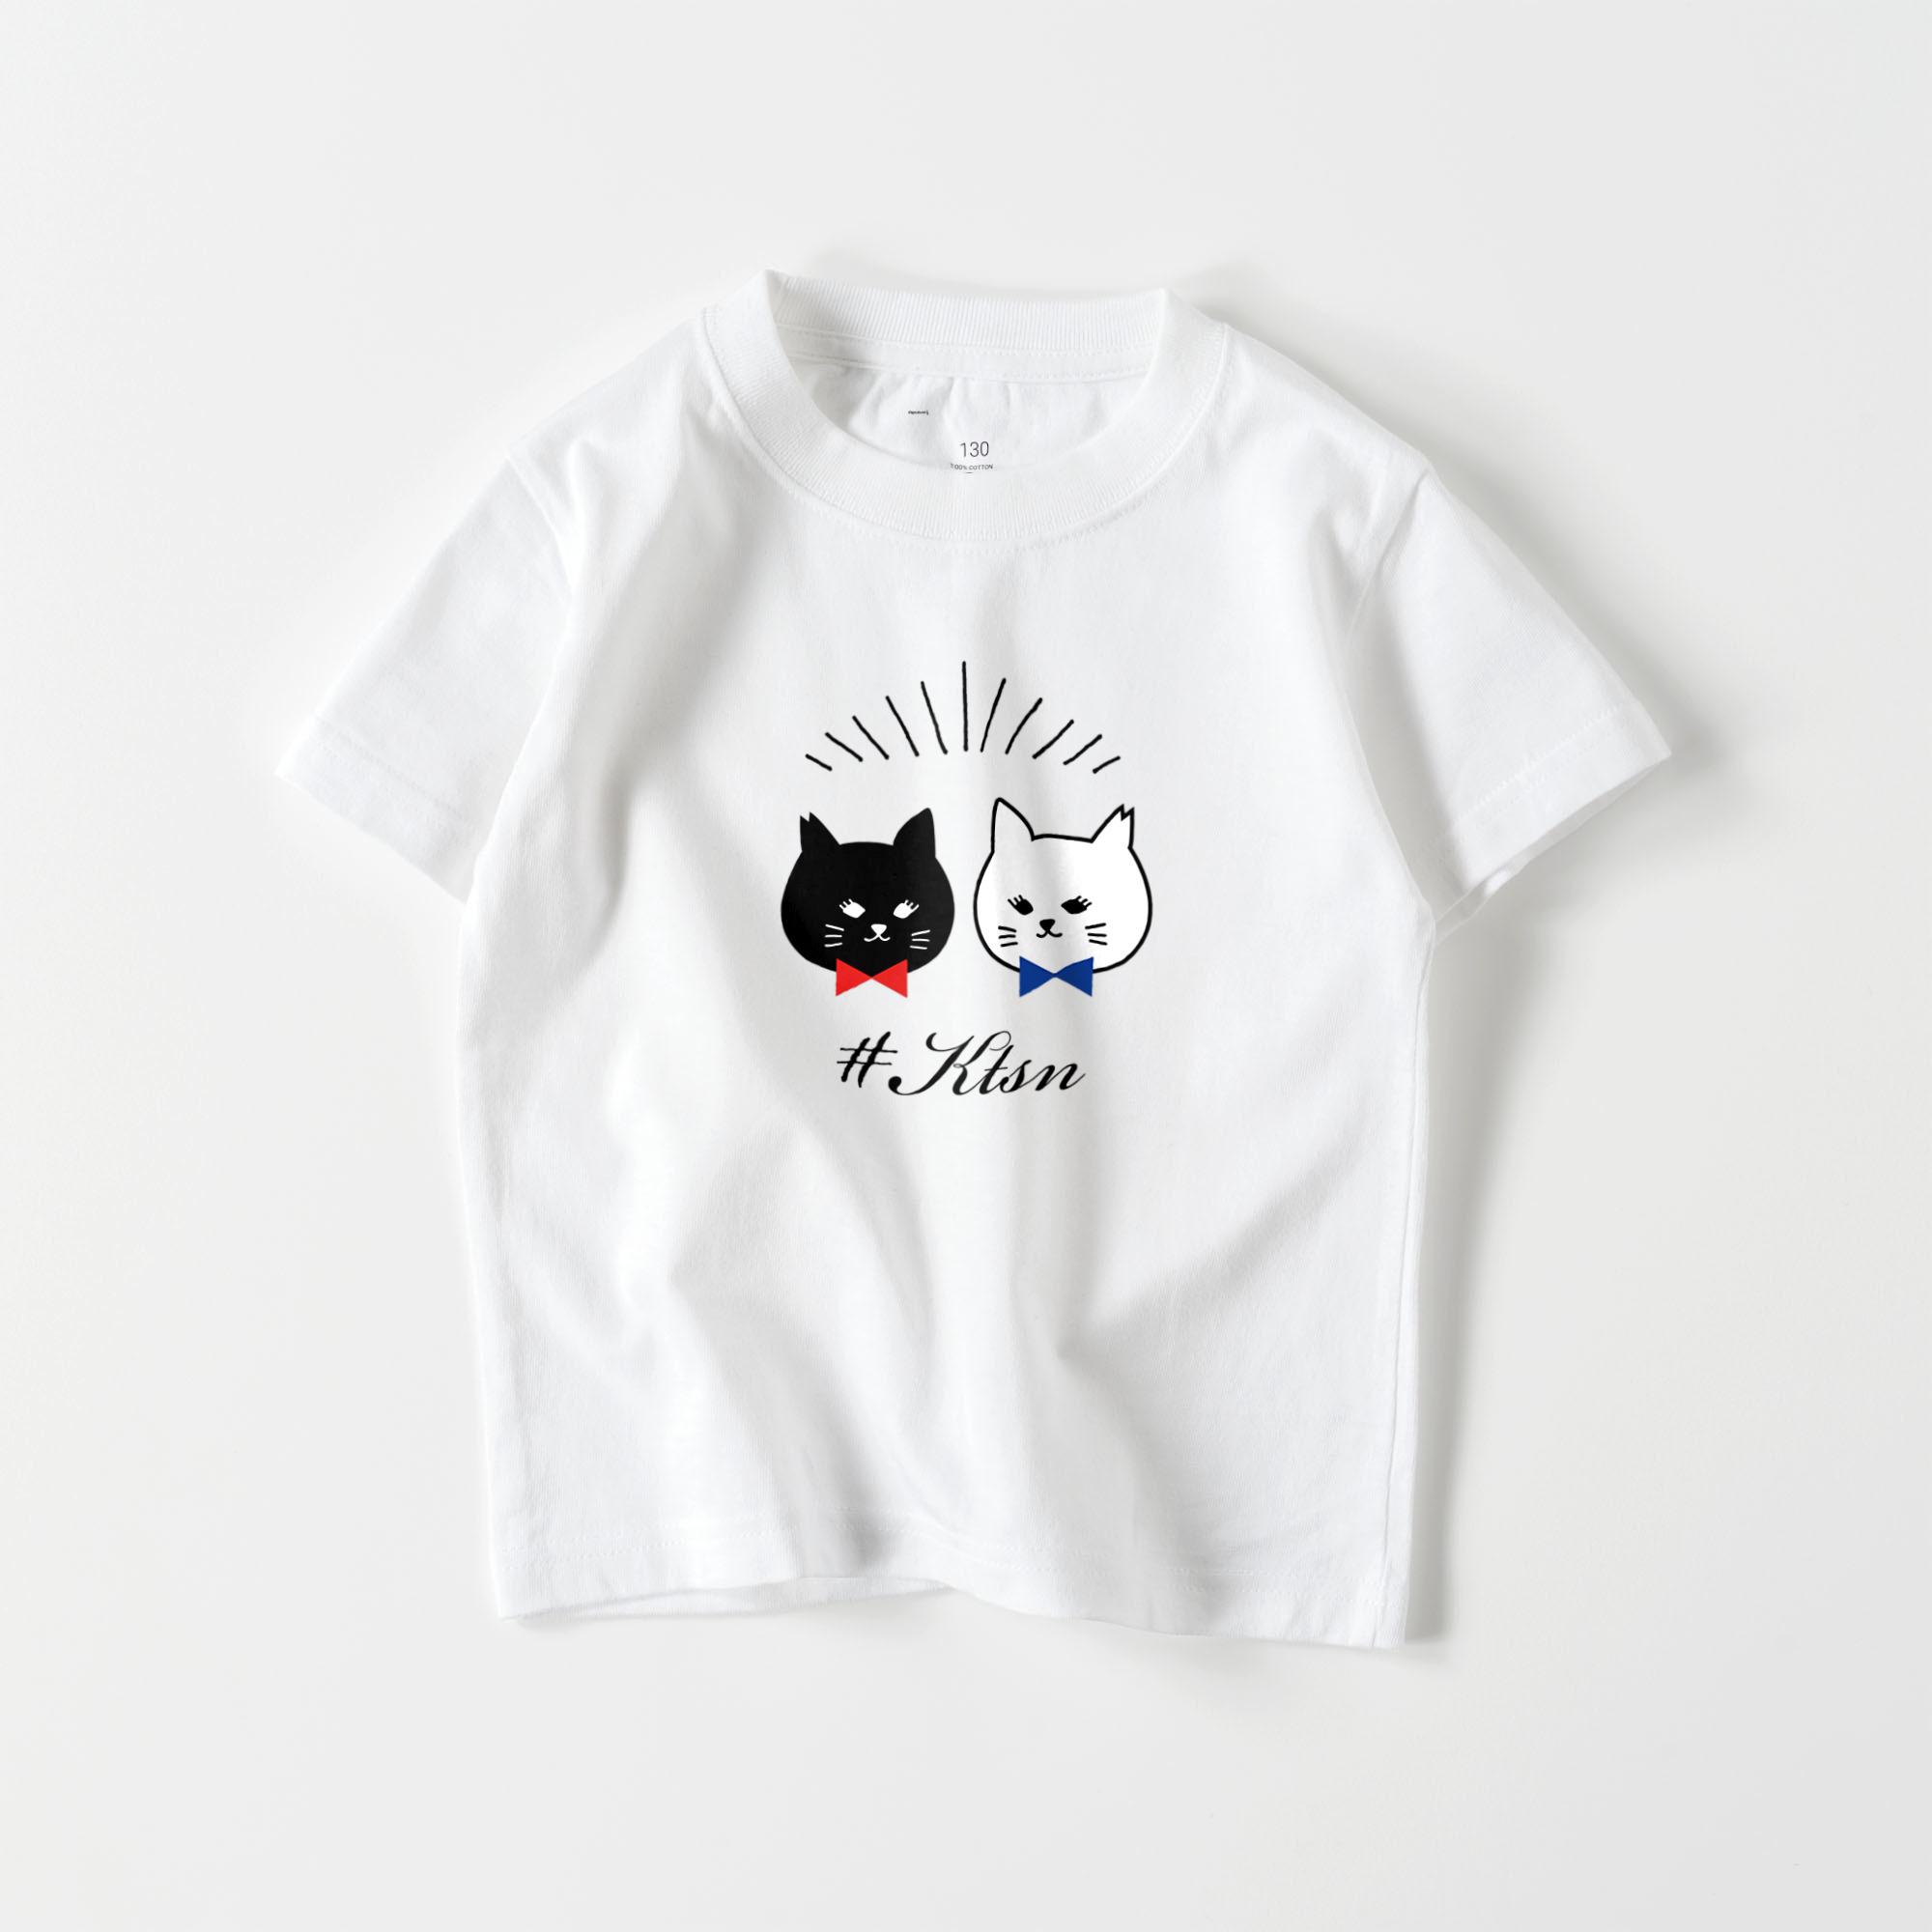 #KTSN×kaco キッズTシャツ